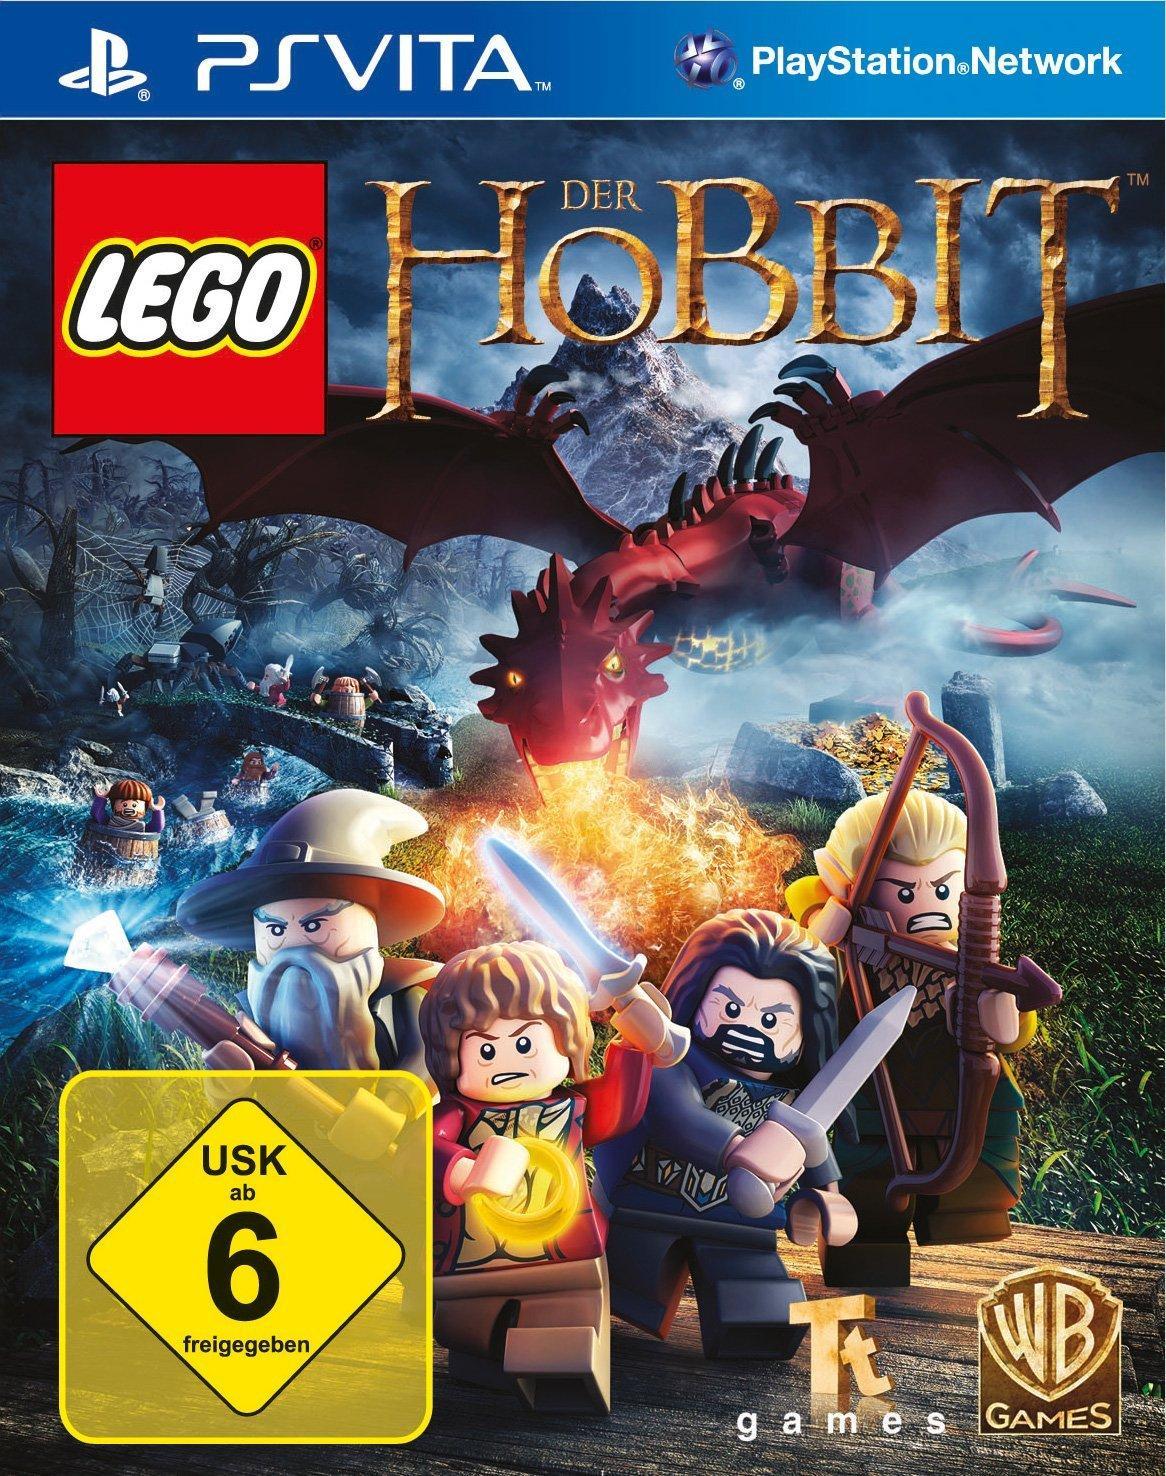 Jeux Lego The Hobbit / Batman 2 sur PS Vita